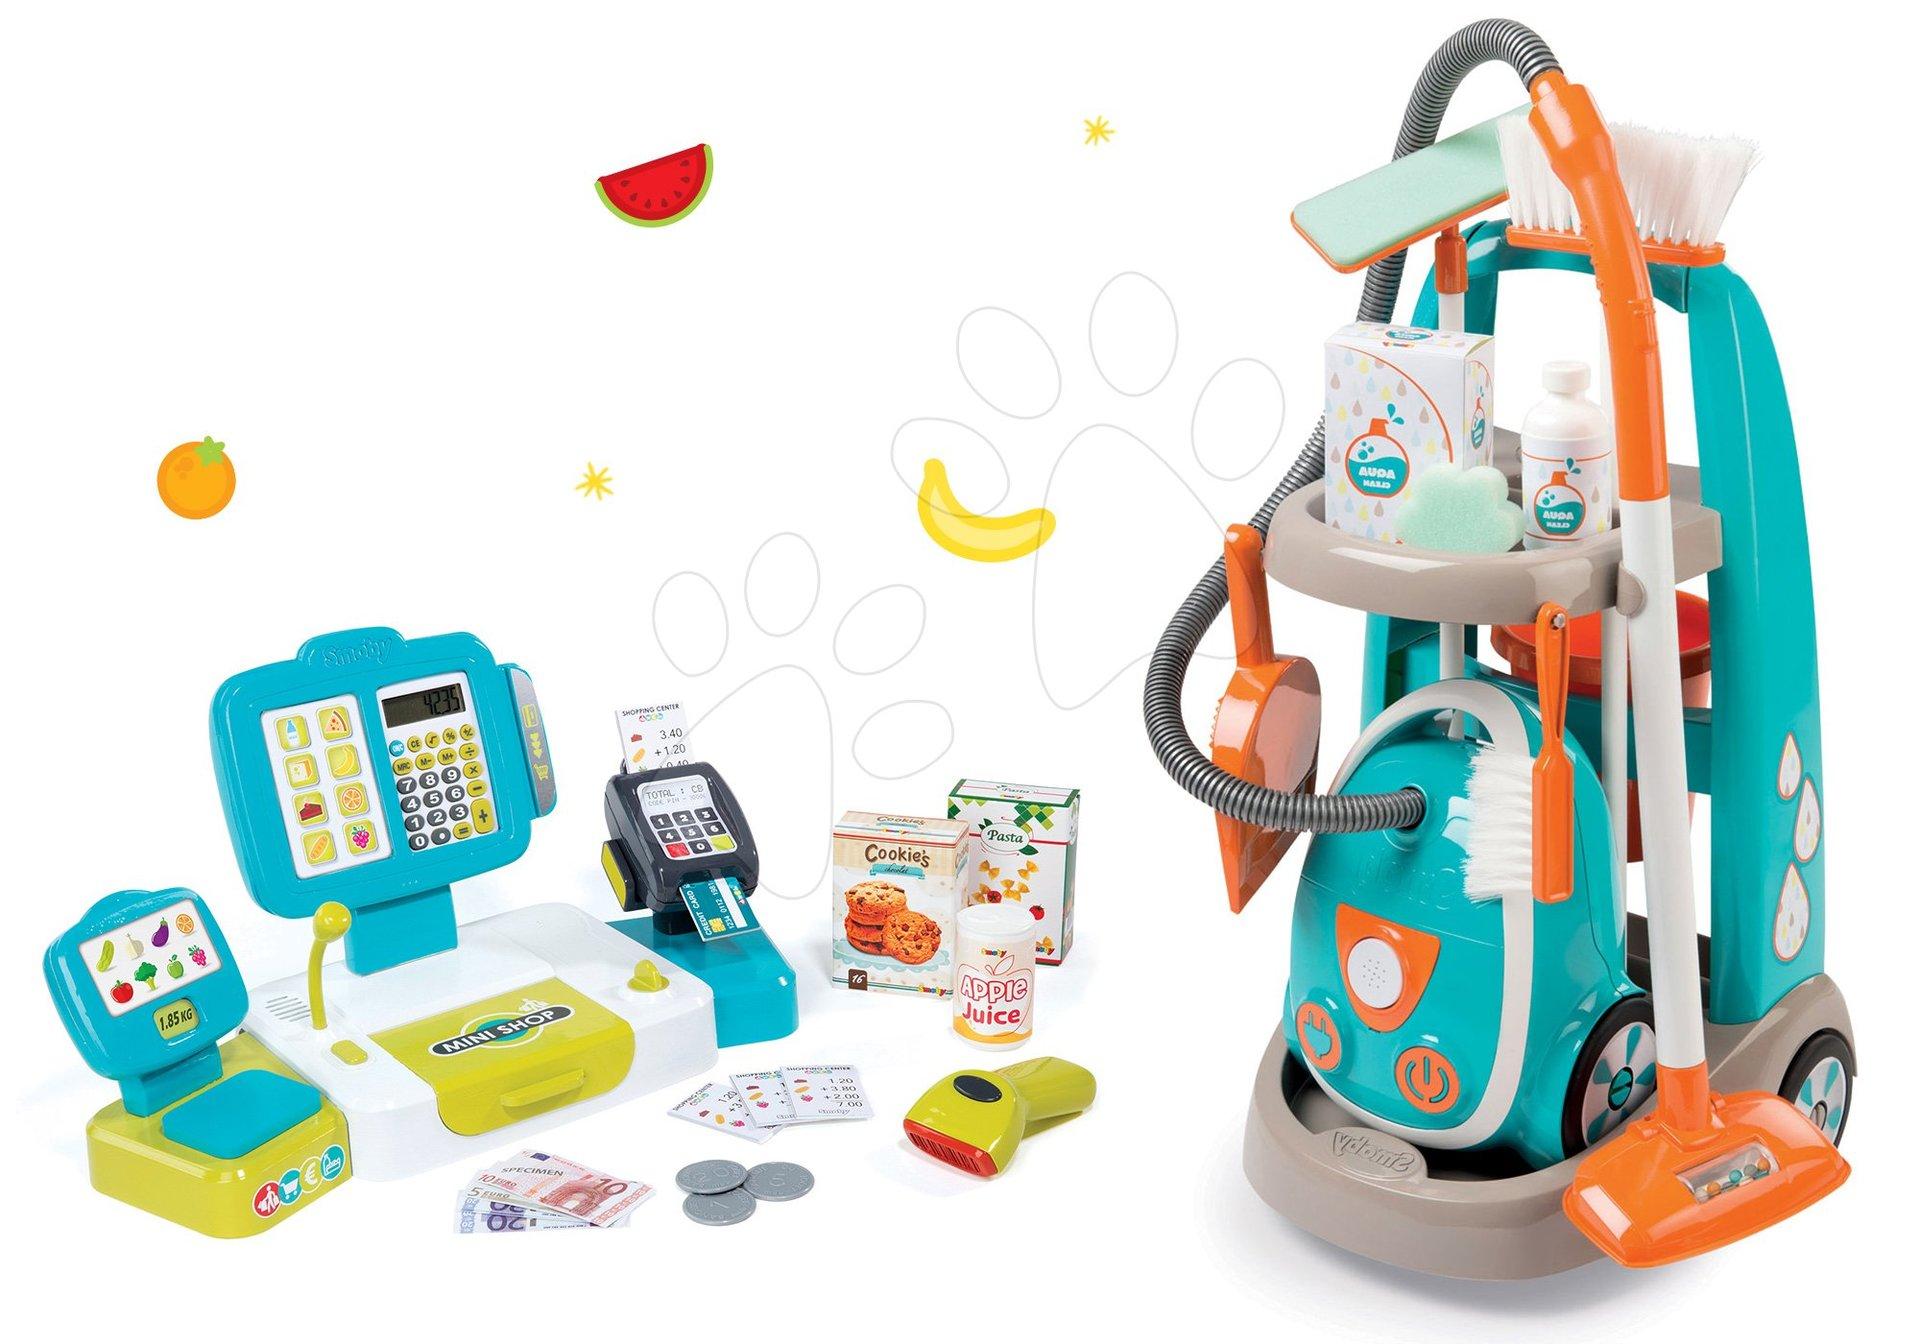 Set úklidový vozík s elektronickým vysavačem Clean Smoby a elektronická pokladna s doplňky